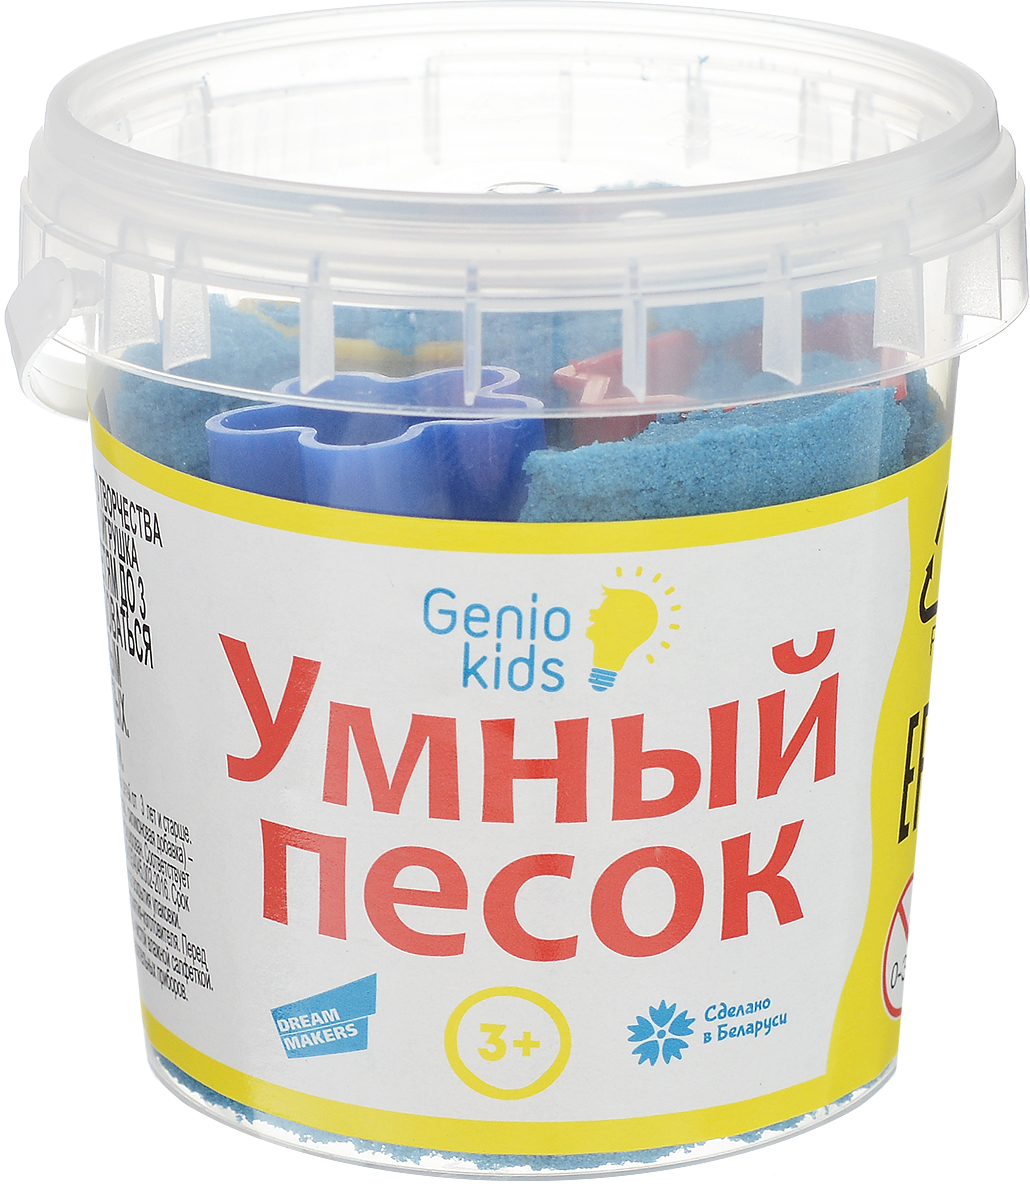 Genio Kids Кинетический песок Умный песок цвет бирюзовый 150 г genio profi 260 latte